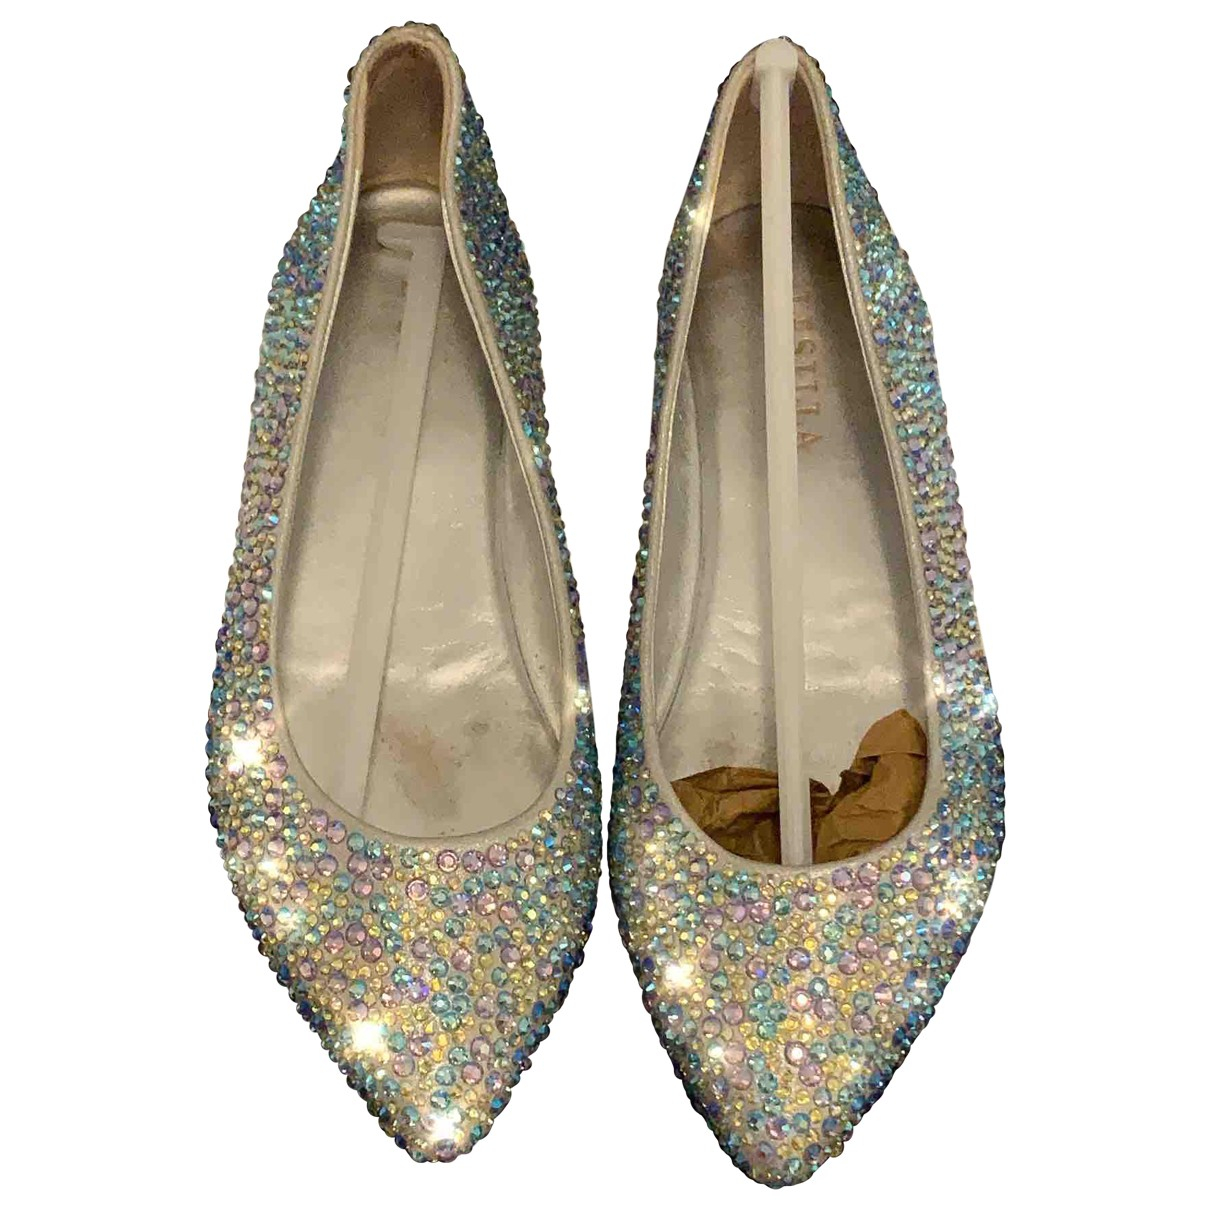 Le Silla \N Ballerinas in  Silber Mit Pailletten